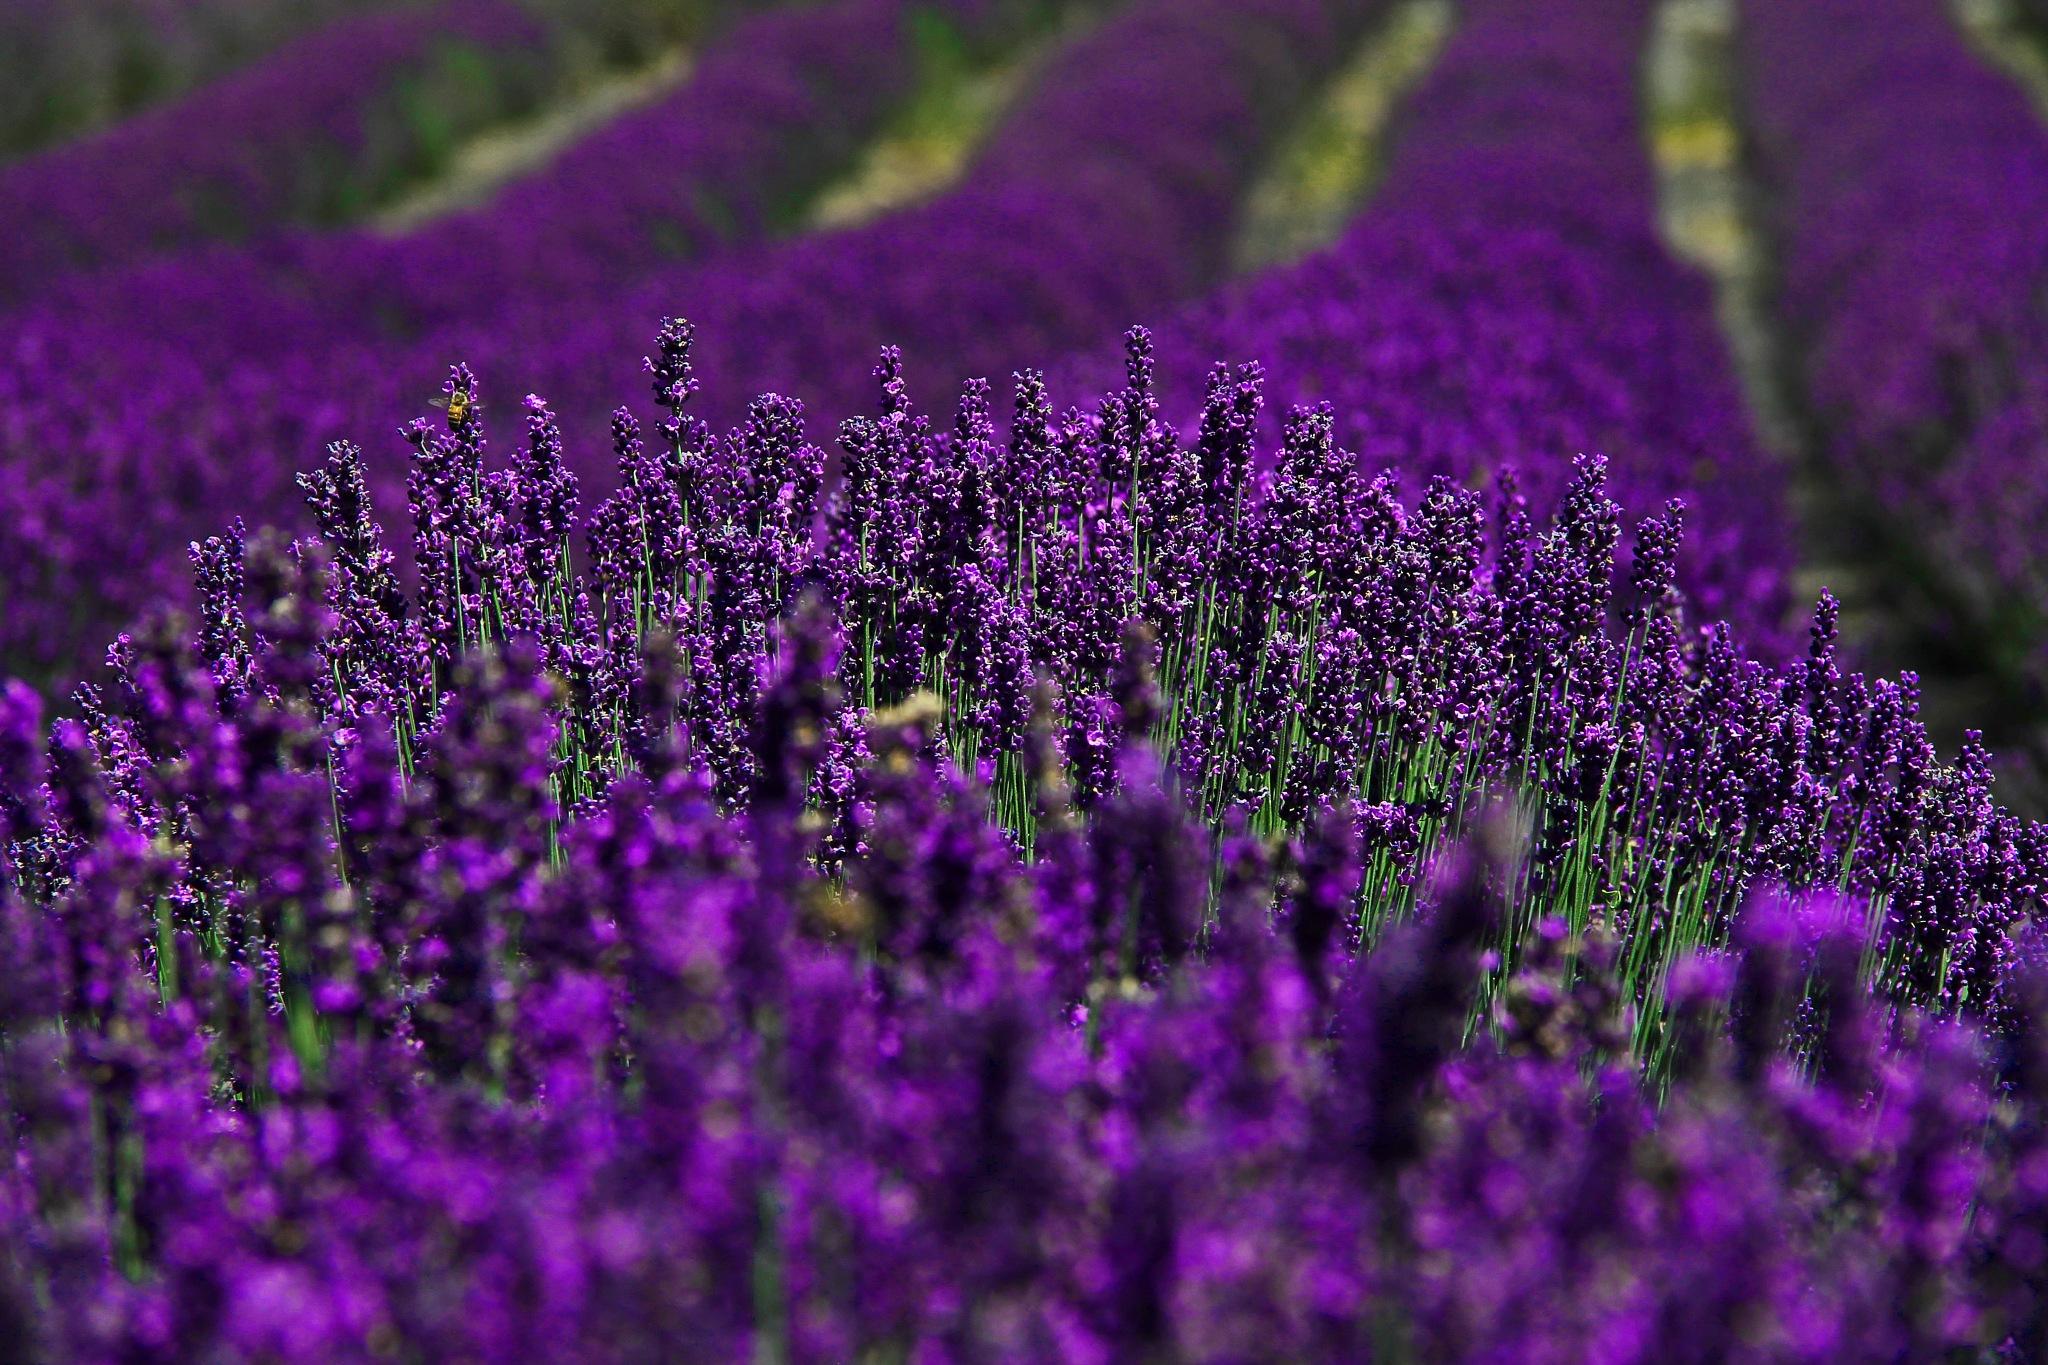 Lavender Farm 1 by christena.anderson